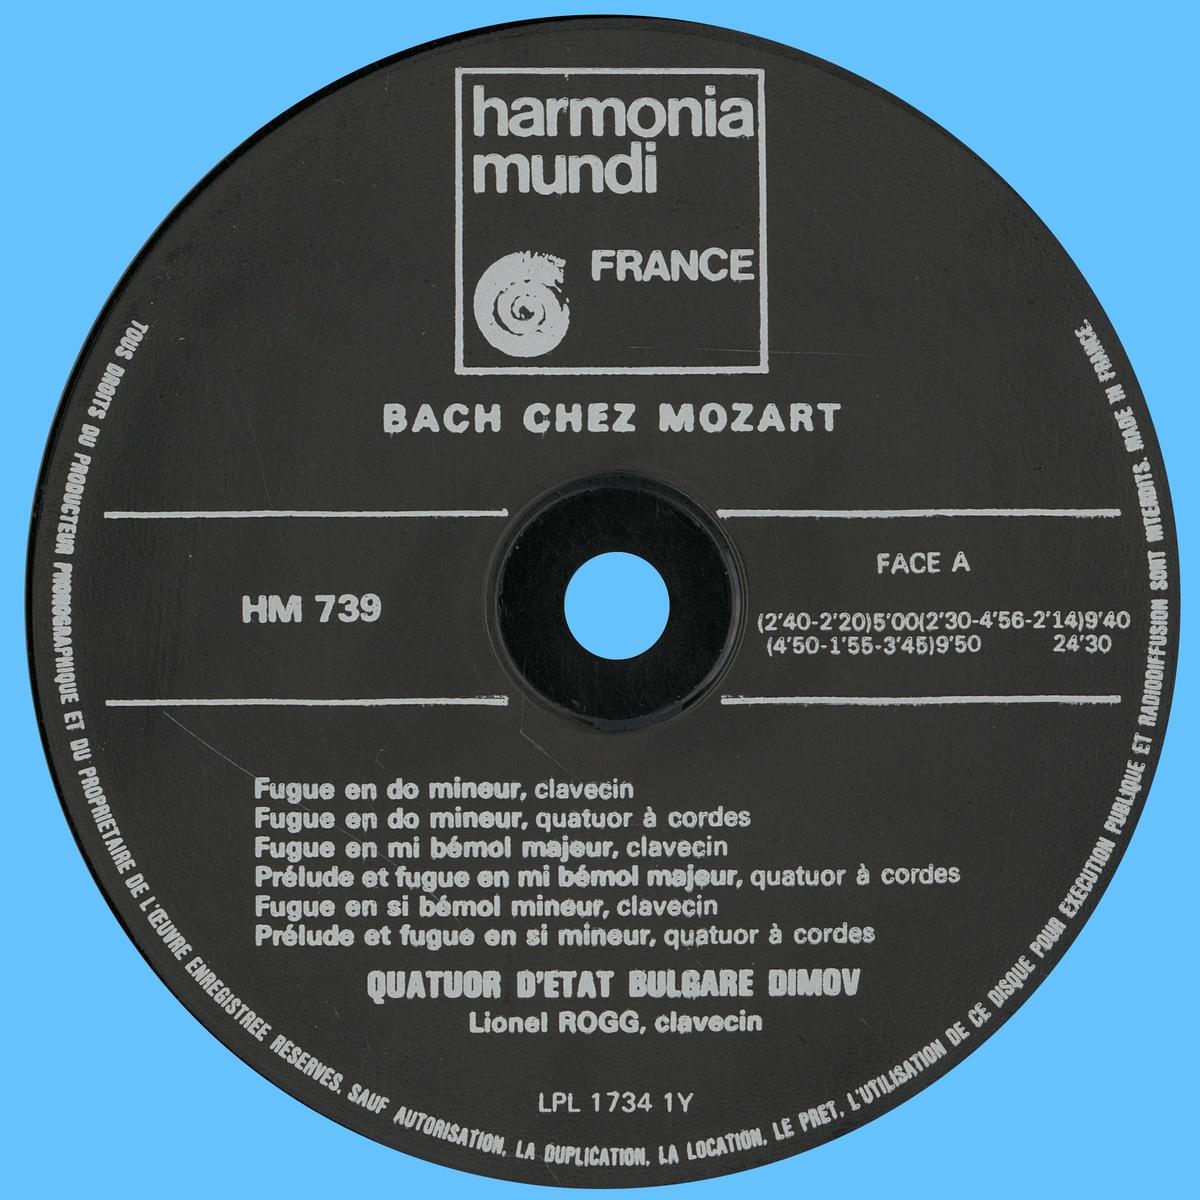 Étiquette recto du disque Harmonia Mundi HM 739